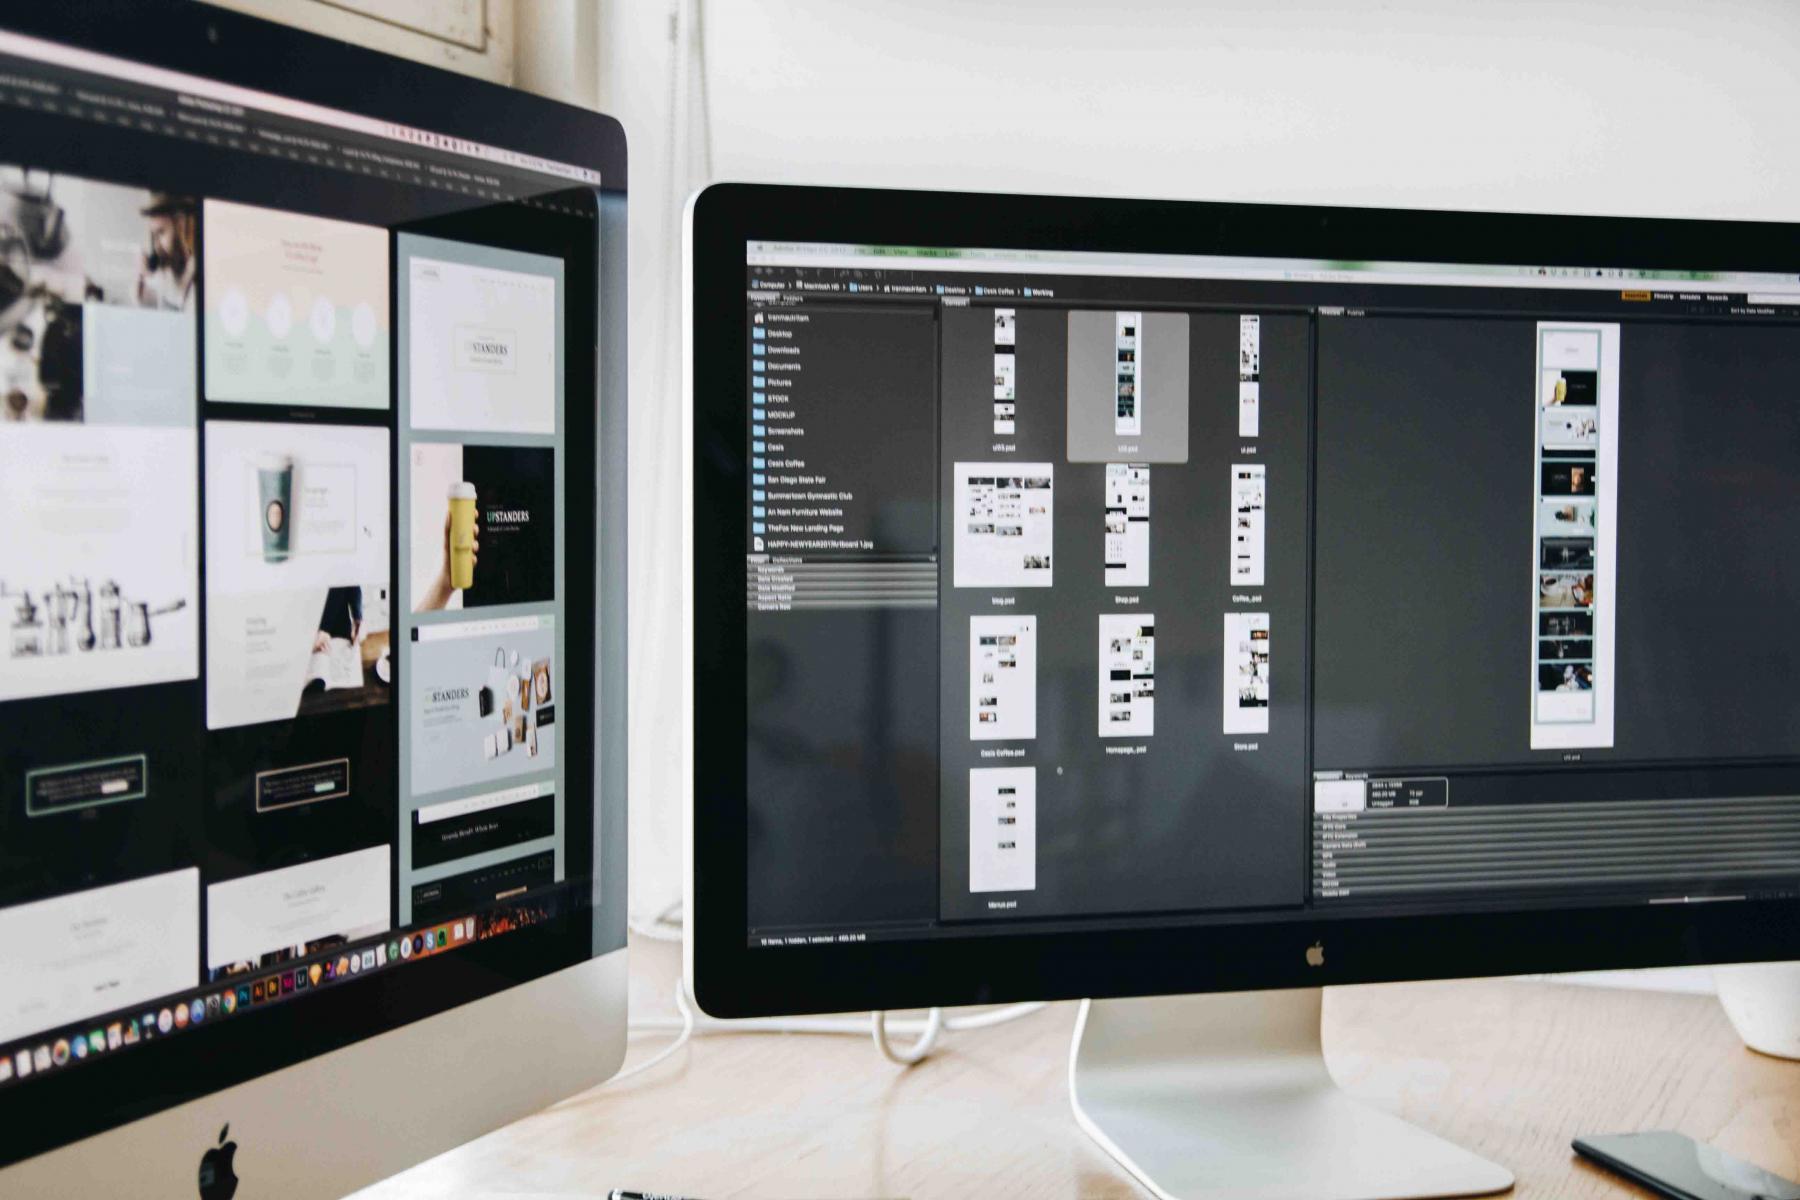 Web tasarım nedir? Nerelerde kullanılır? Nelere dikkat etmeliyiz?